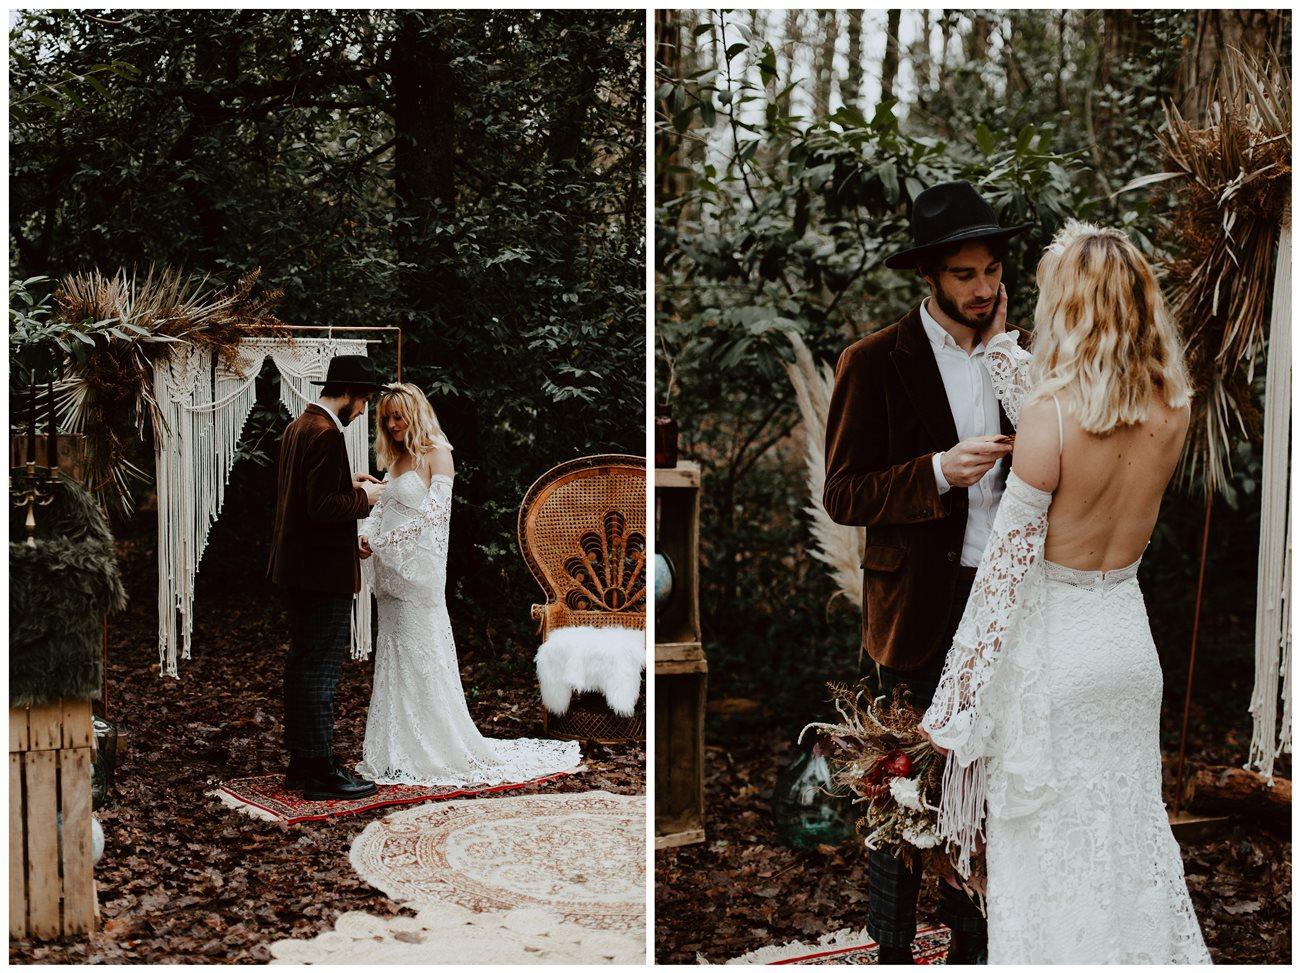 mariage bohème cérémonie laïque échanges des voeux